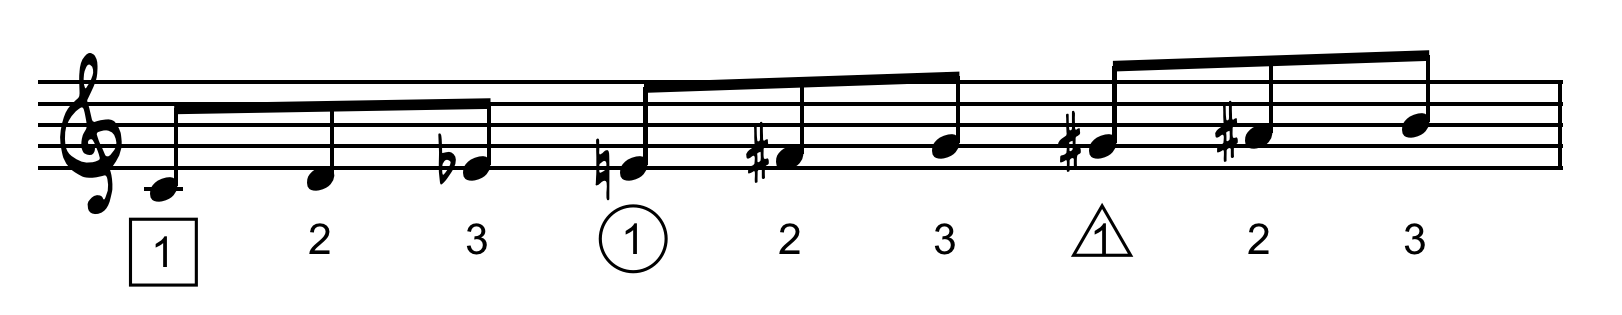 Messiaen3b